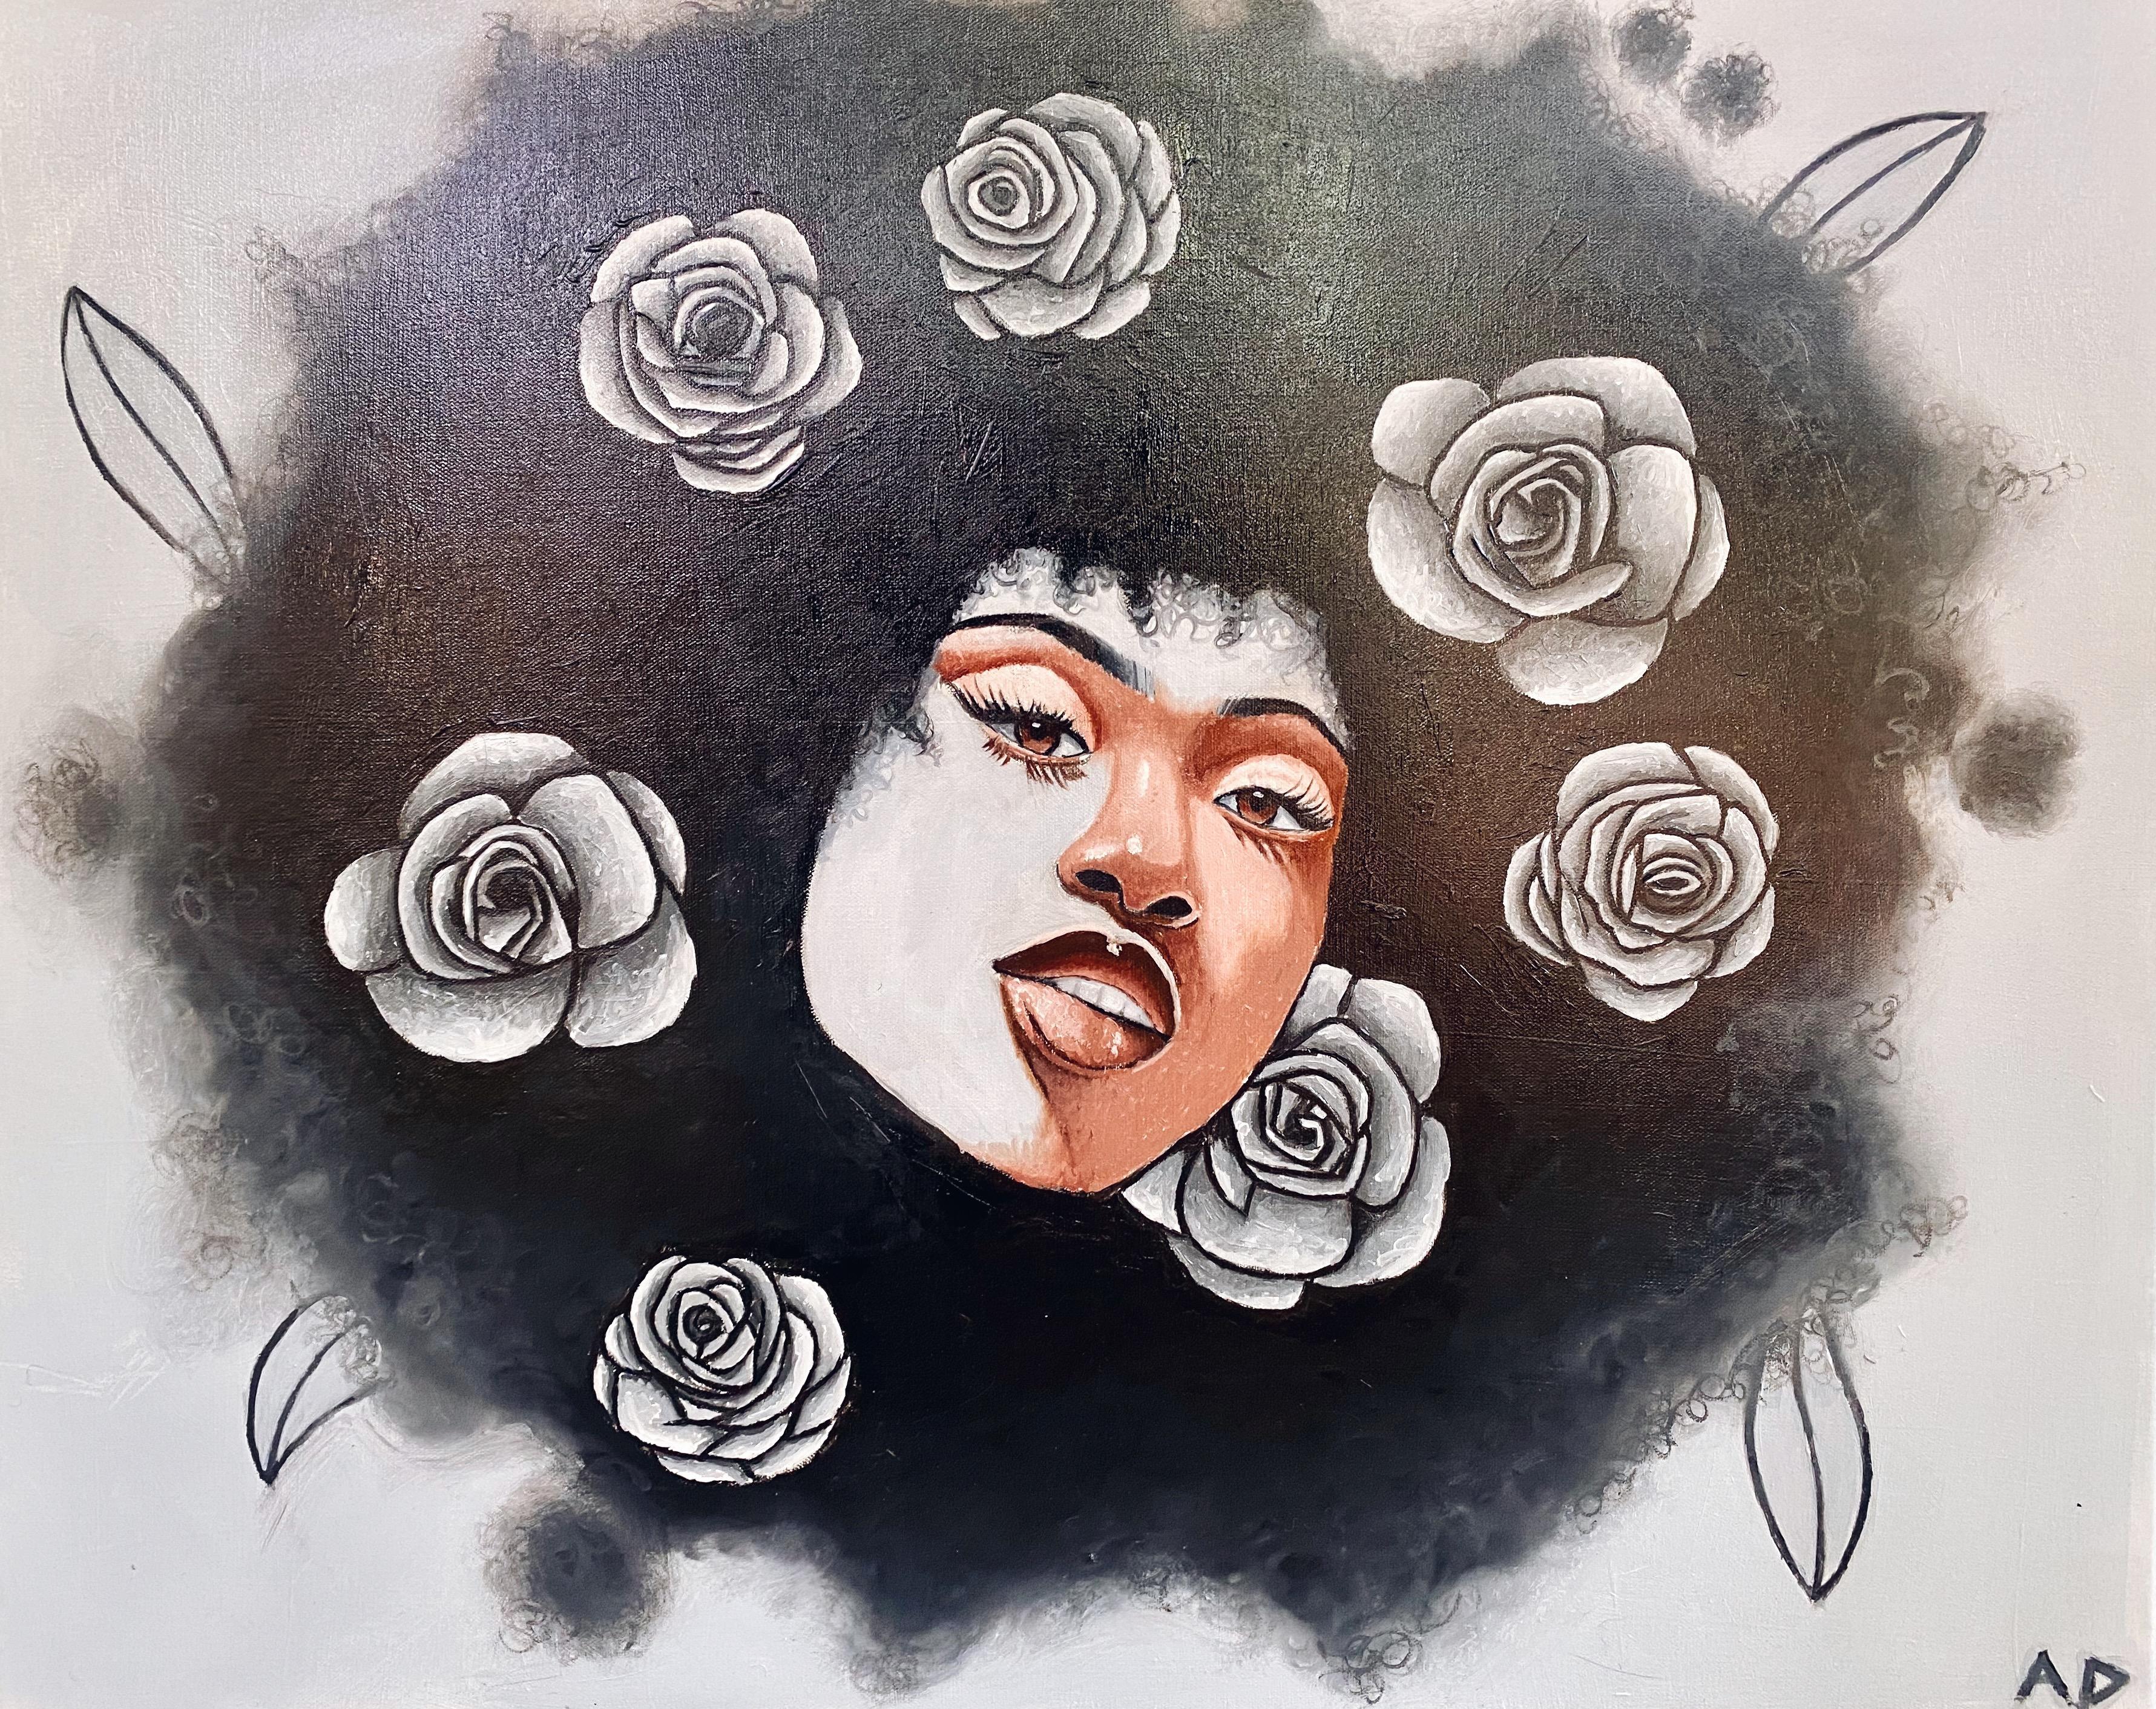 Rose 2020